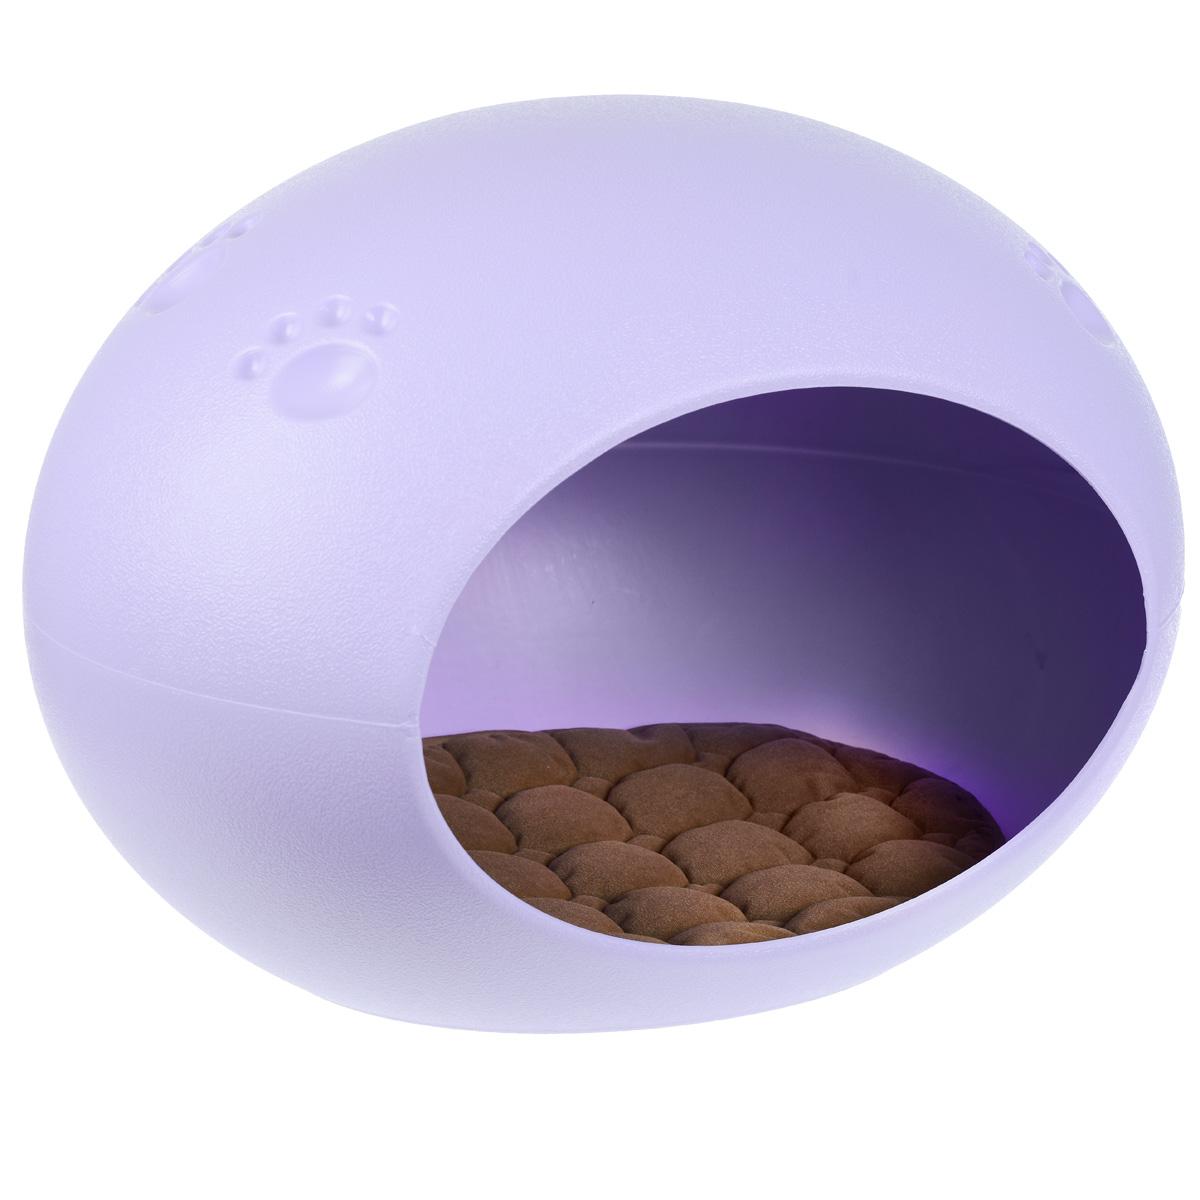 Домик-лежанка V.I.Pet, овальный, цвет: сиреневый, 60 см х 40 см х 40 смBP228_сиреневыйПластиковый домик-лежанка с непревзойденным дизайном для кошек и мелких собак. Очень удобен, вместителен и легко может заменить питомцу домик. В комплект входит мягкая подстилка. Домик гармонично впишется в интерьер помещения, оформленного в стиле хай-тек, техно, модерн, минимализм. Такой стильный домик украсит интерьер, подчеркнет вашу индивидуальность и будет радовать вас и вашего питомца.Размер подстилки: 44 см х 35 см.